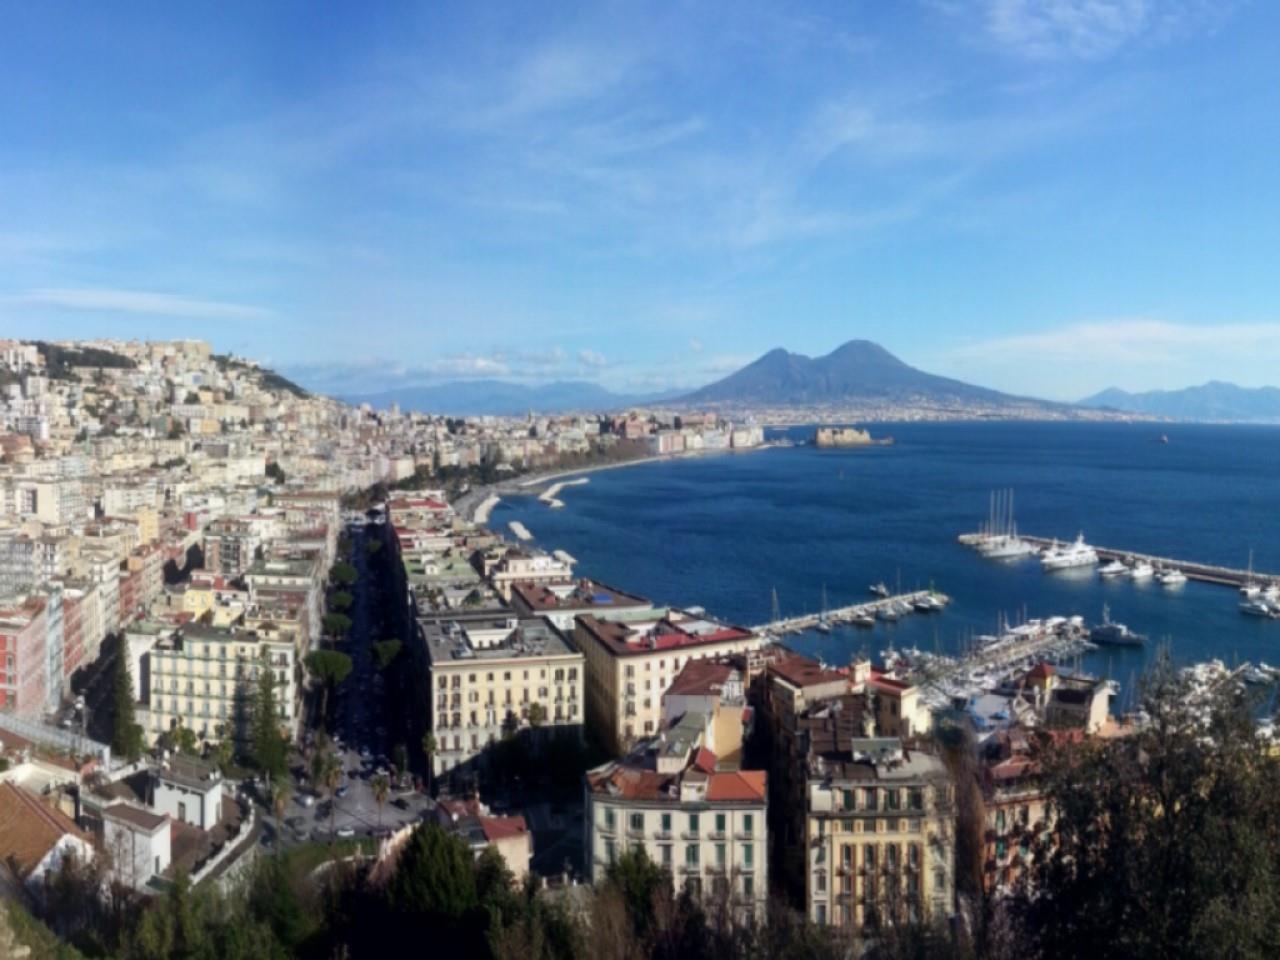 Visita guiada en bus por Nápoles